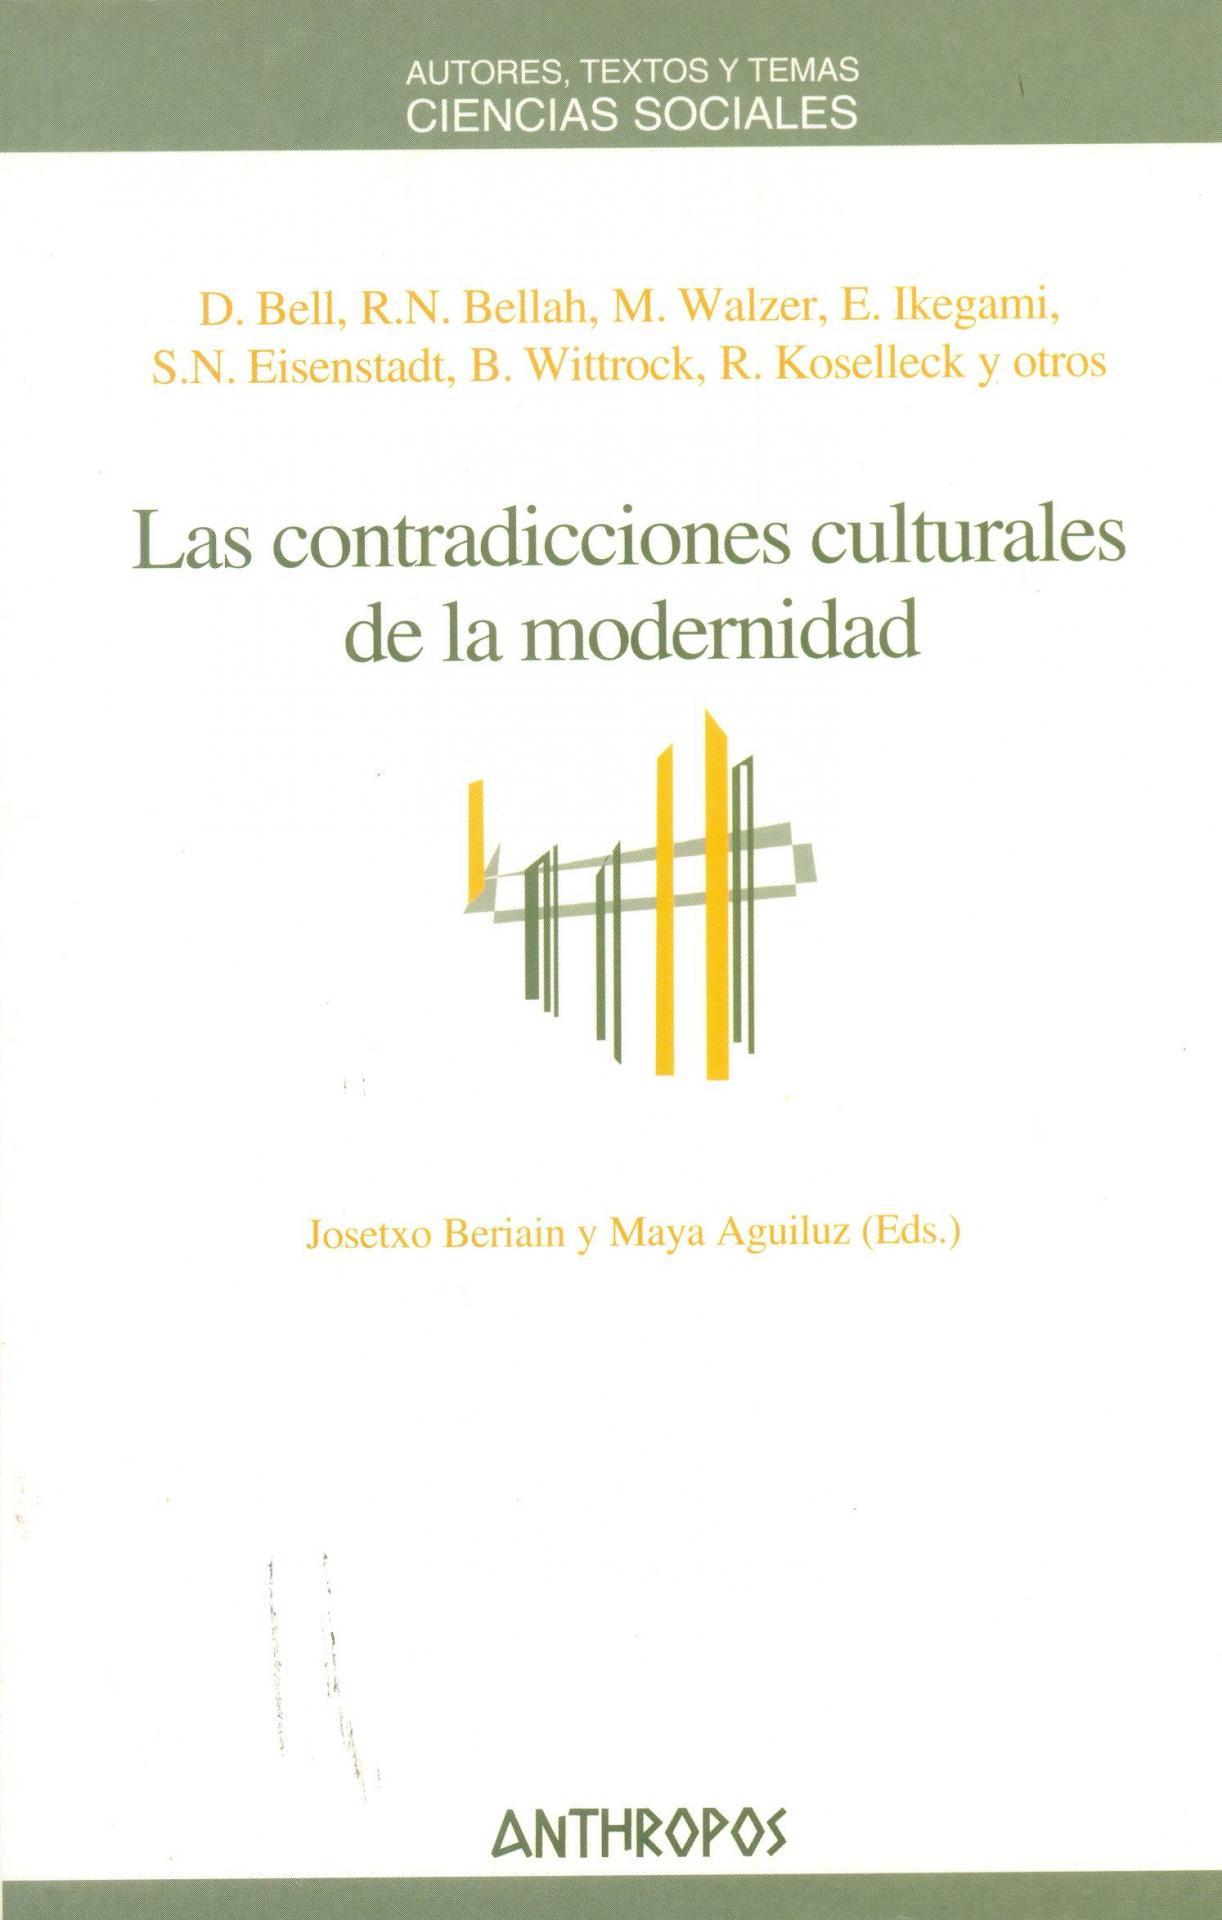 LAS CONTRADICCIONES CULTURALES DE LA MODERNIDAD. Bell, D.; Bellah, M.; Walzer, M. y otros